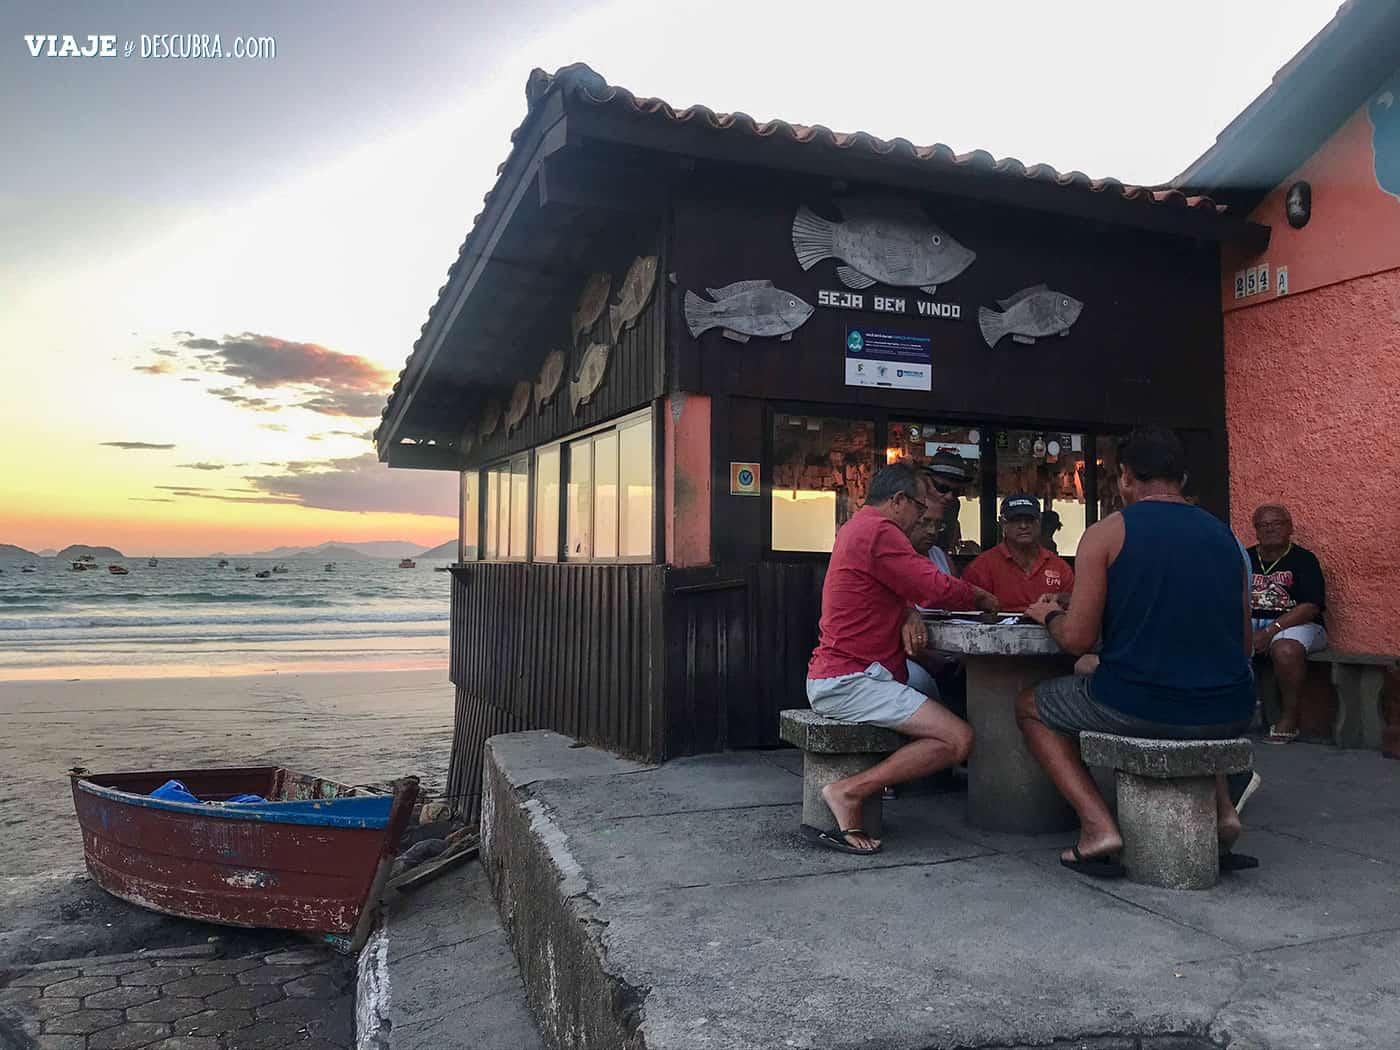 que-hacer-en-florianopolis,-bar-de-arante,-donde-comer,-lugares-tipicos,-imperdibles,-mega-guia